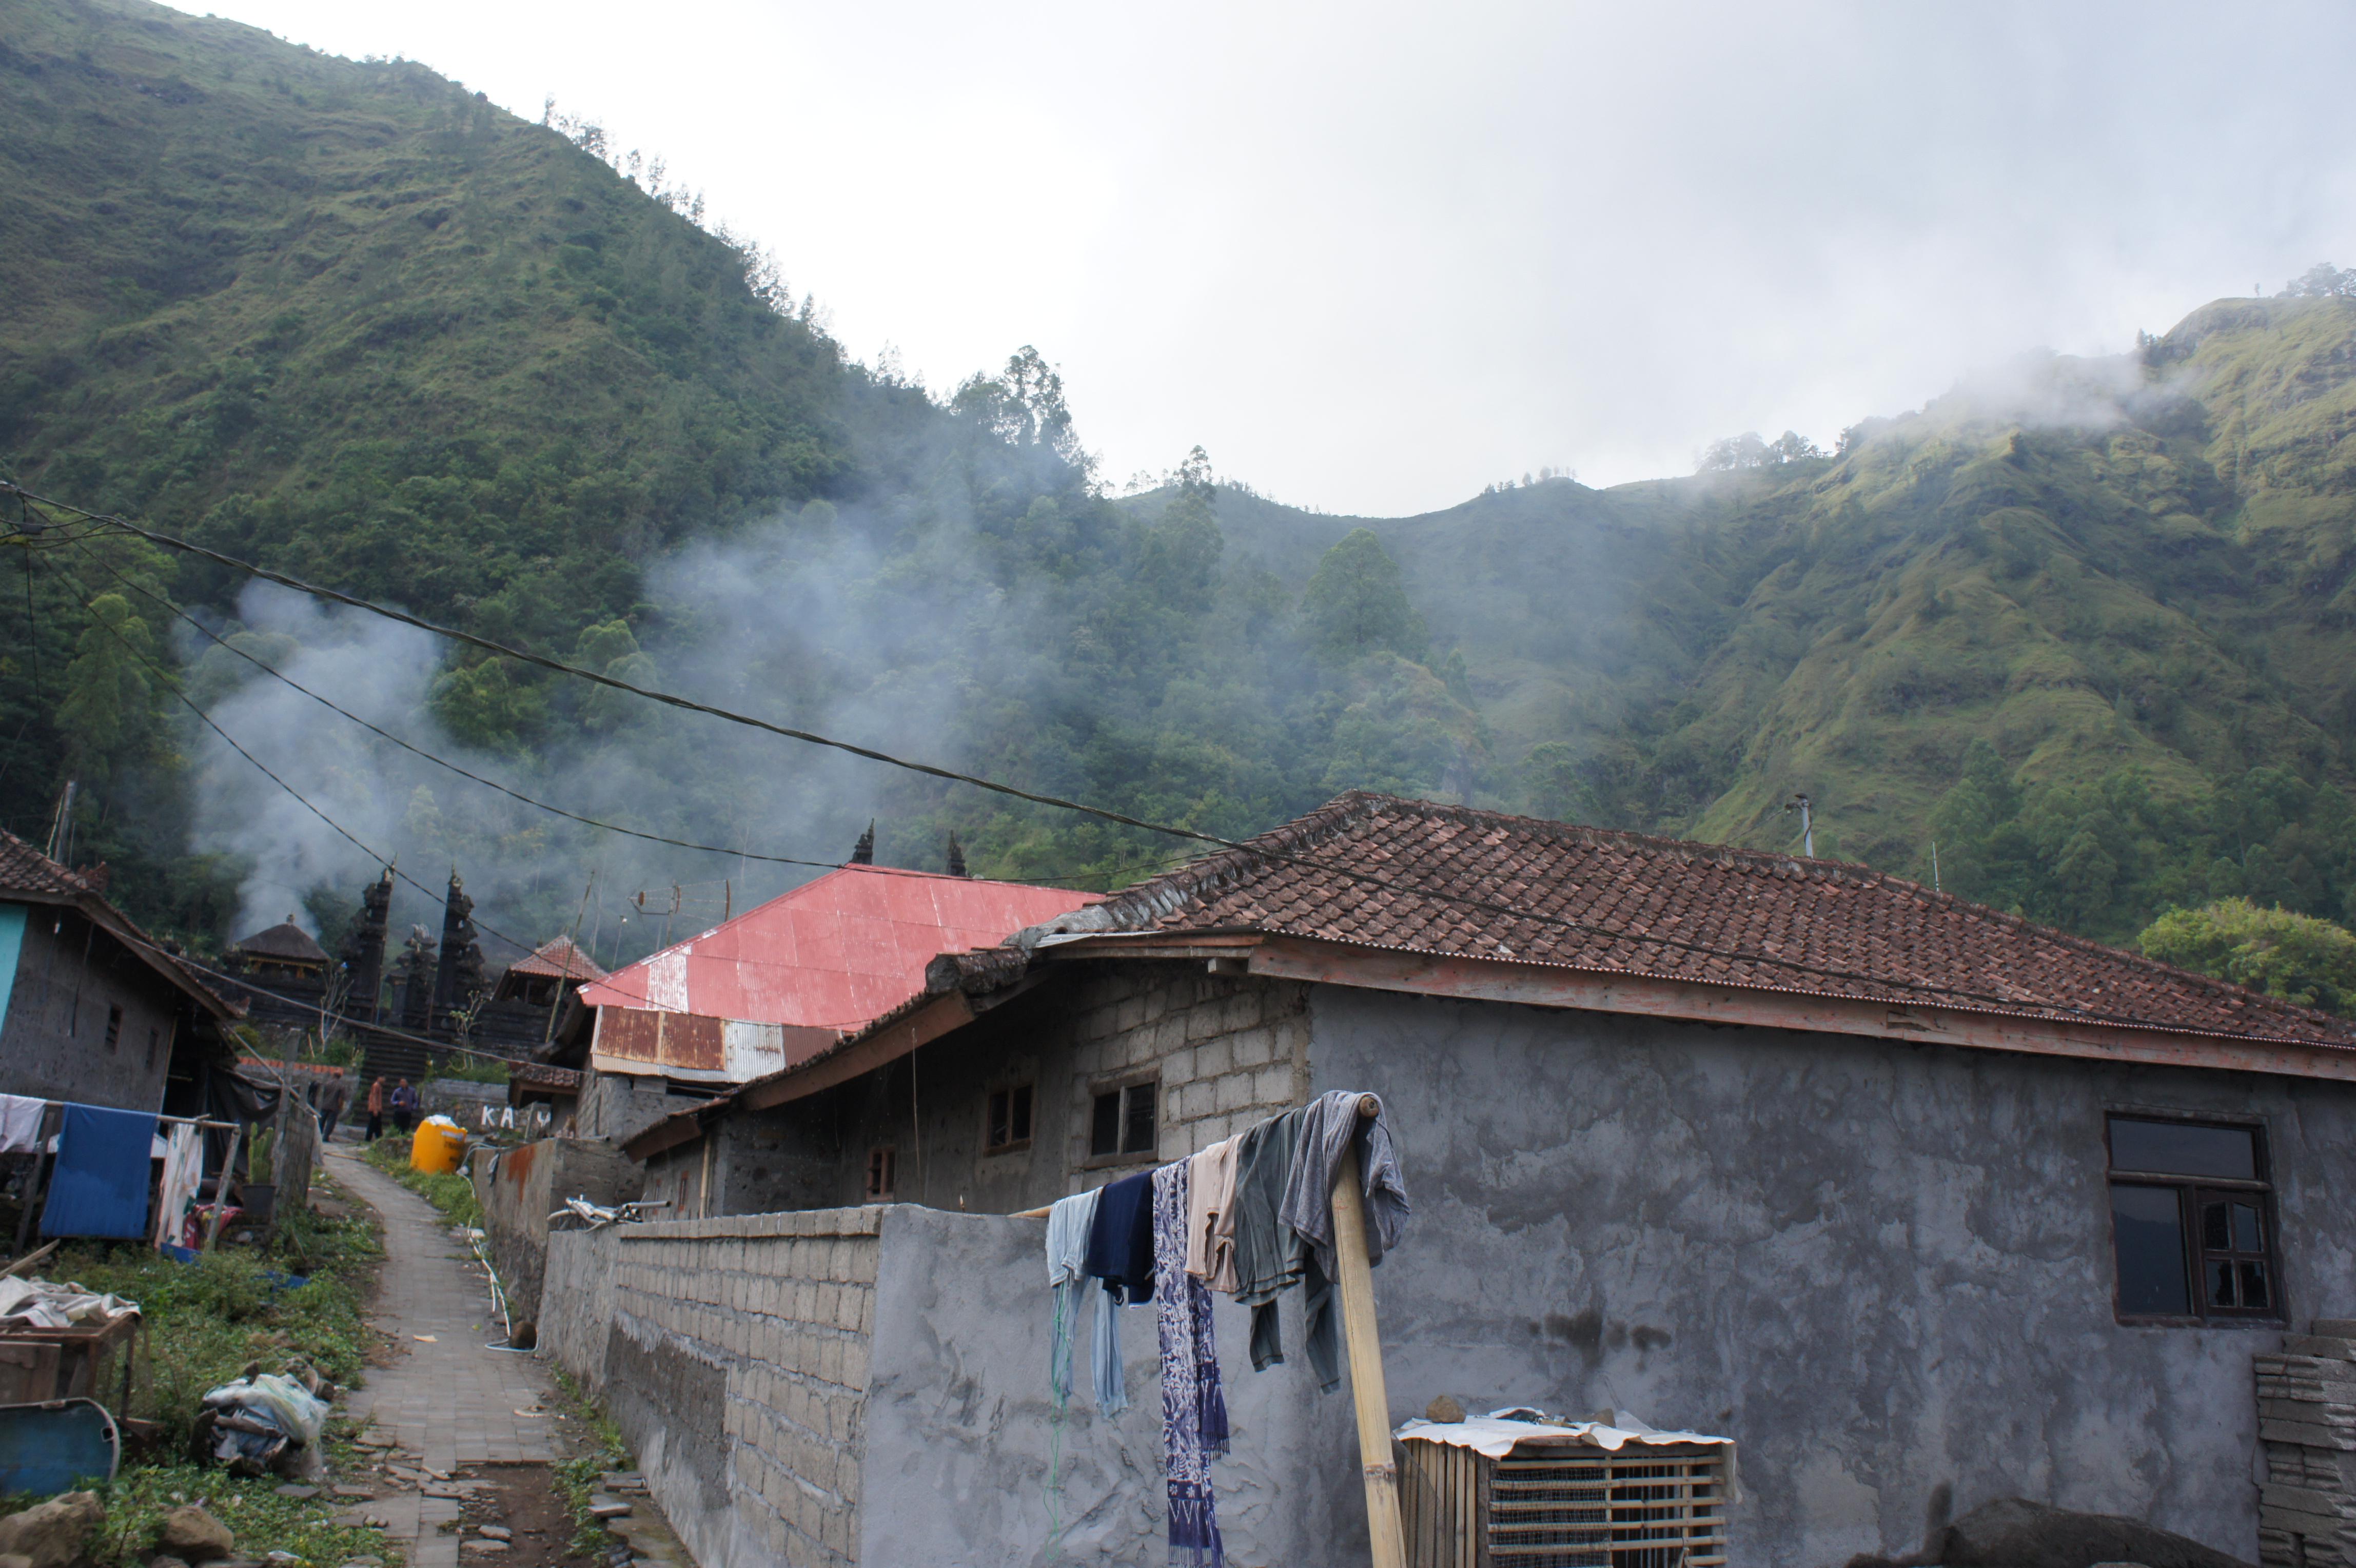 ▲インドネシア・バリ島のTrunyan村。湖のほとりに位置する小さな漁村だ。